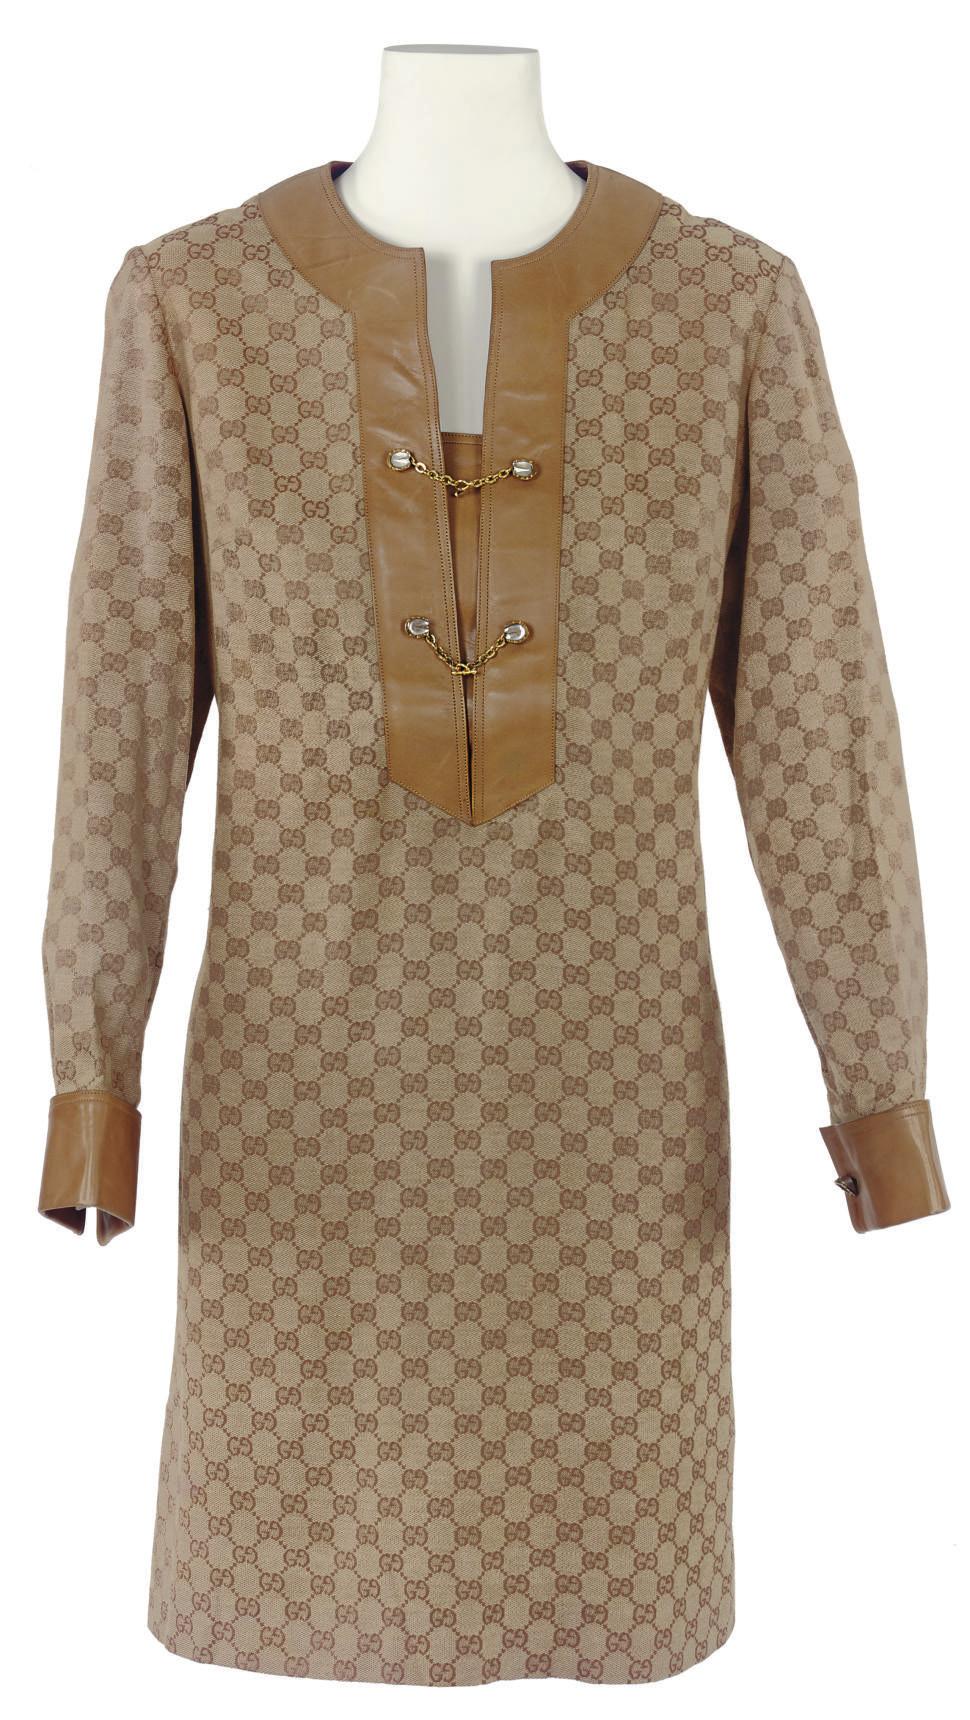 GUCCI (F.1906) A TUNIC DRESS